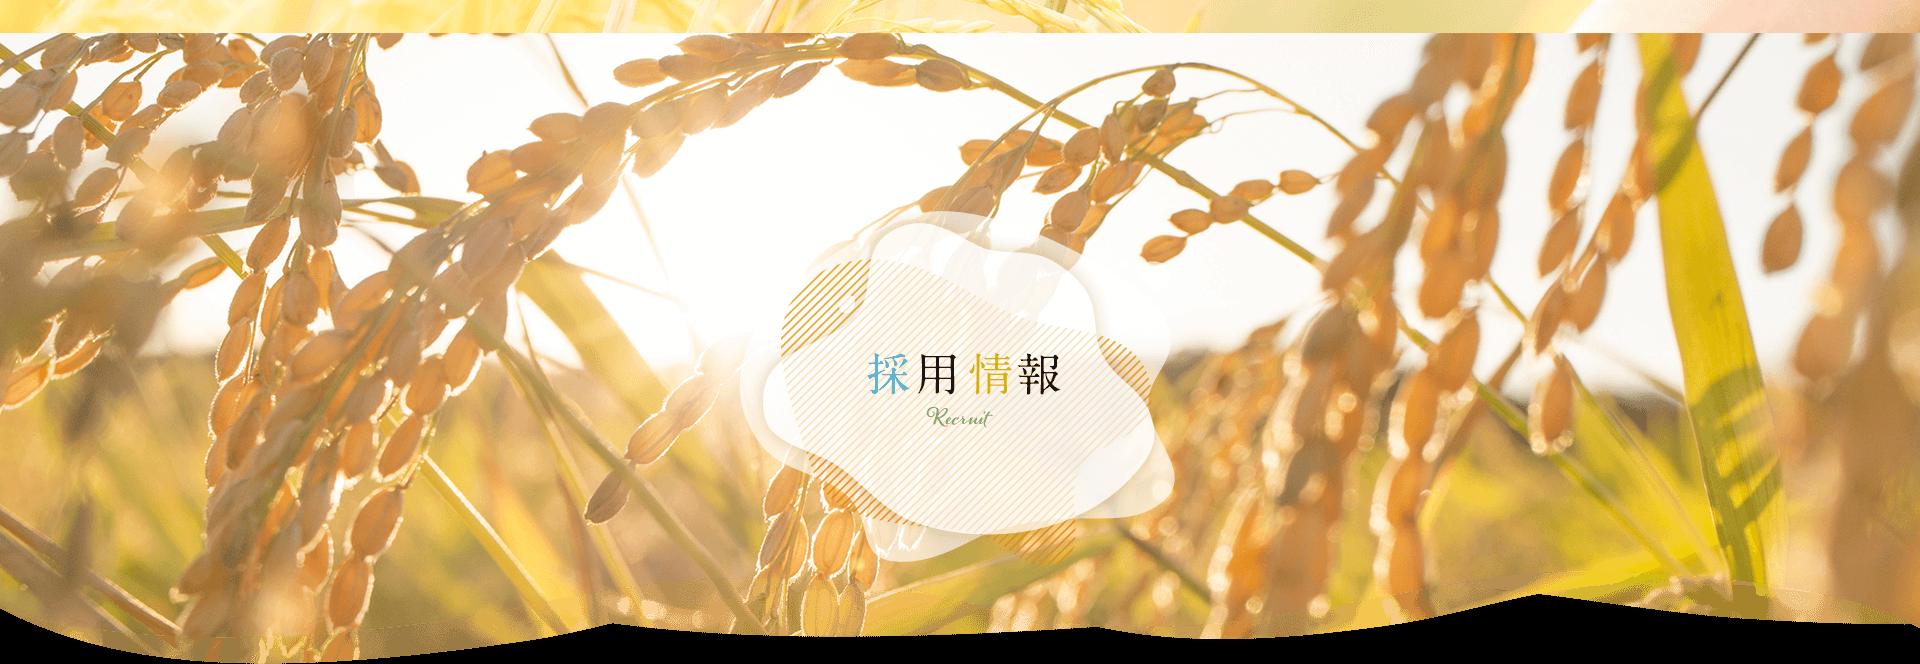 採用情報|米油から健康的に【三和油脂株式会社】